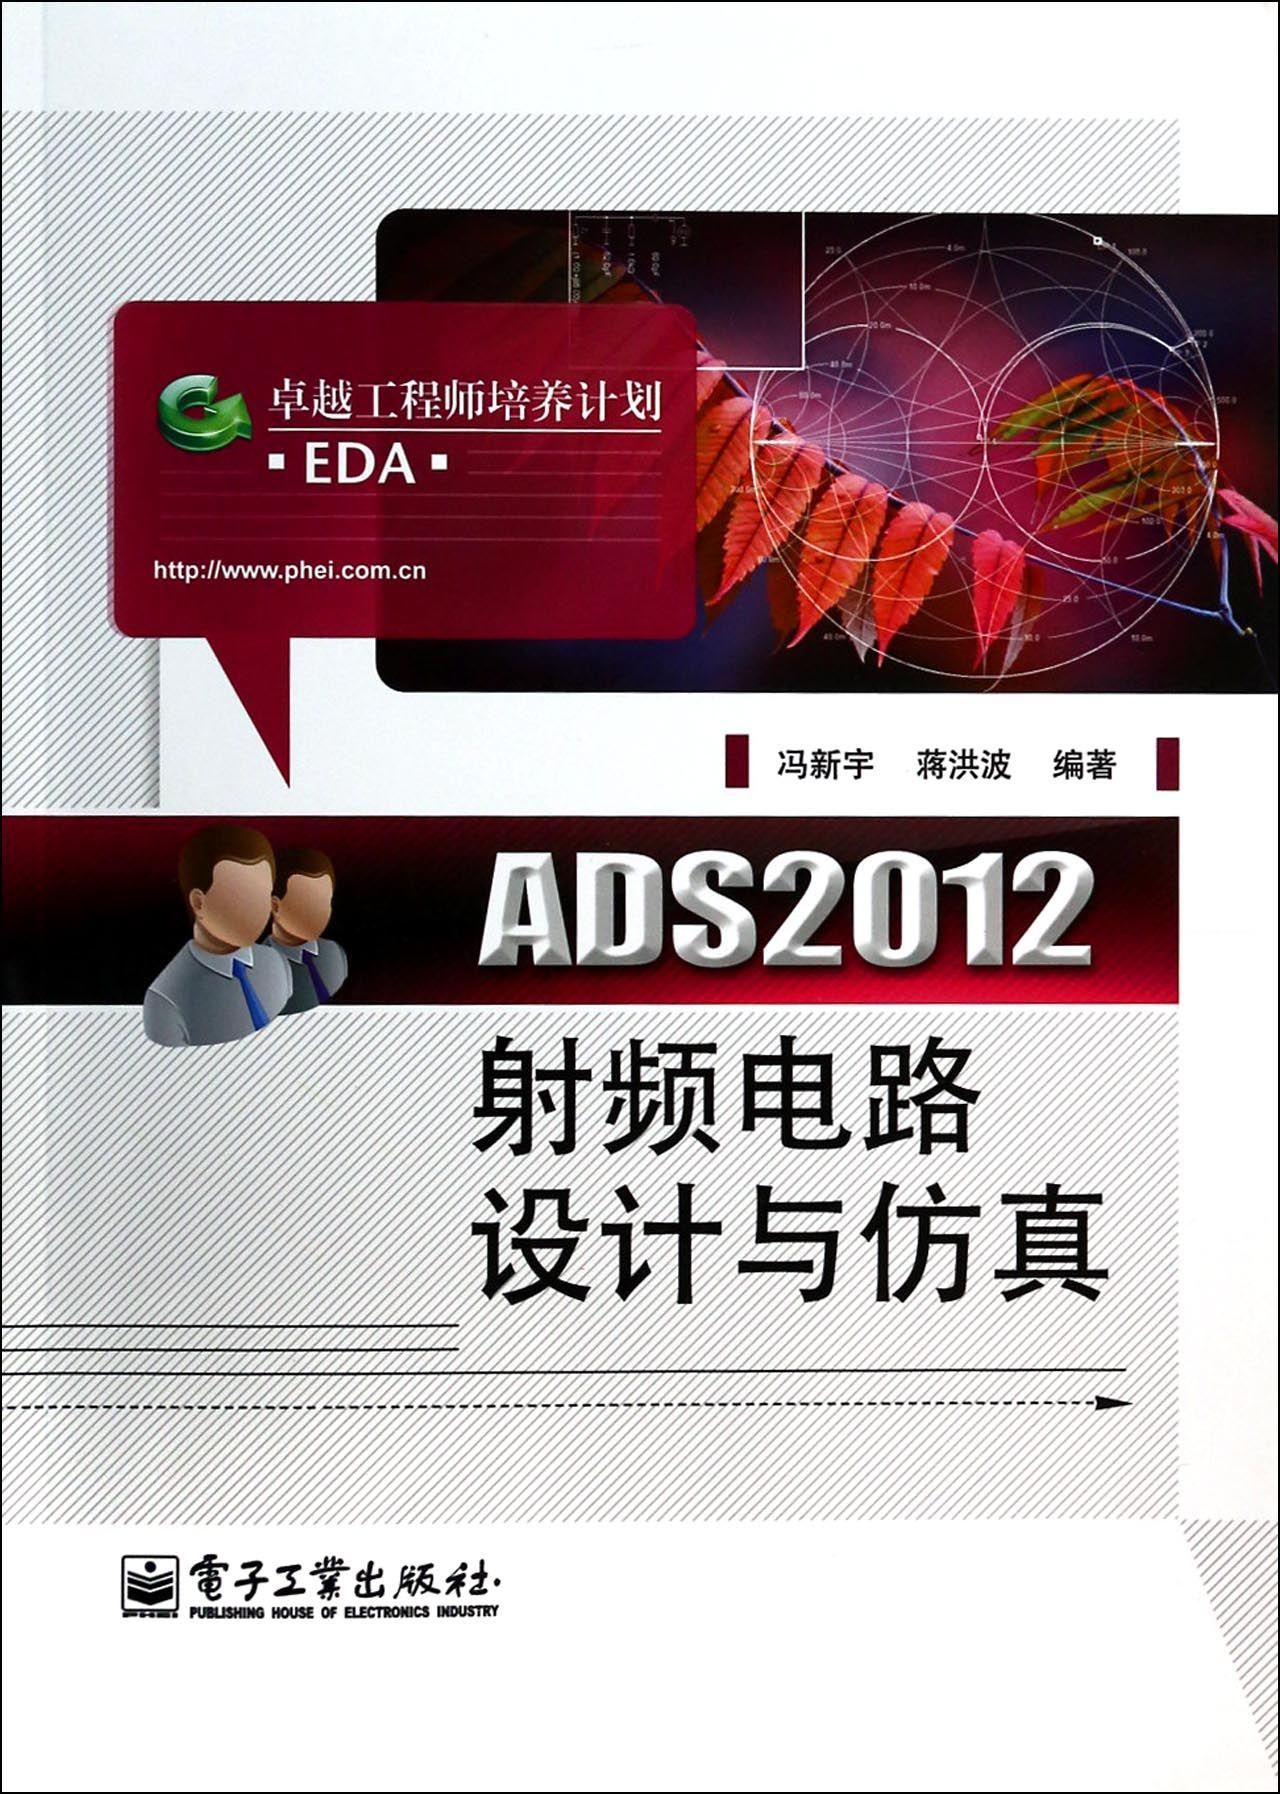 ads2012射频电路设计与仿真(卓越工程师培养计划)